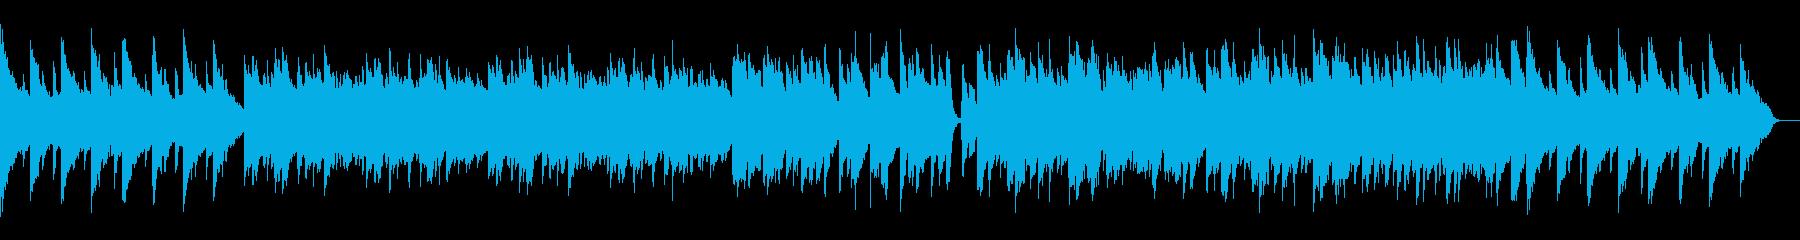 しっとり優しい感動的なピアノソロ曲の再生済みの波形